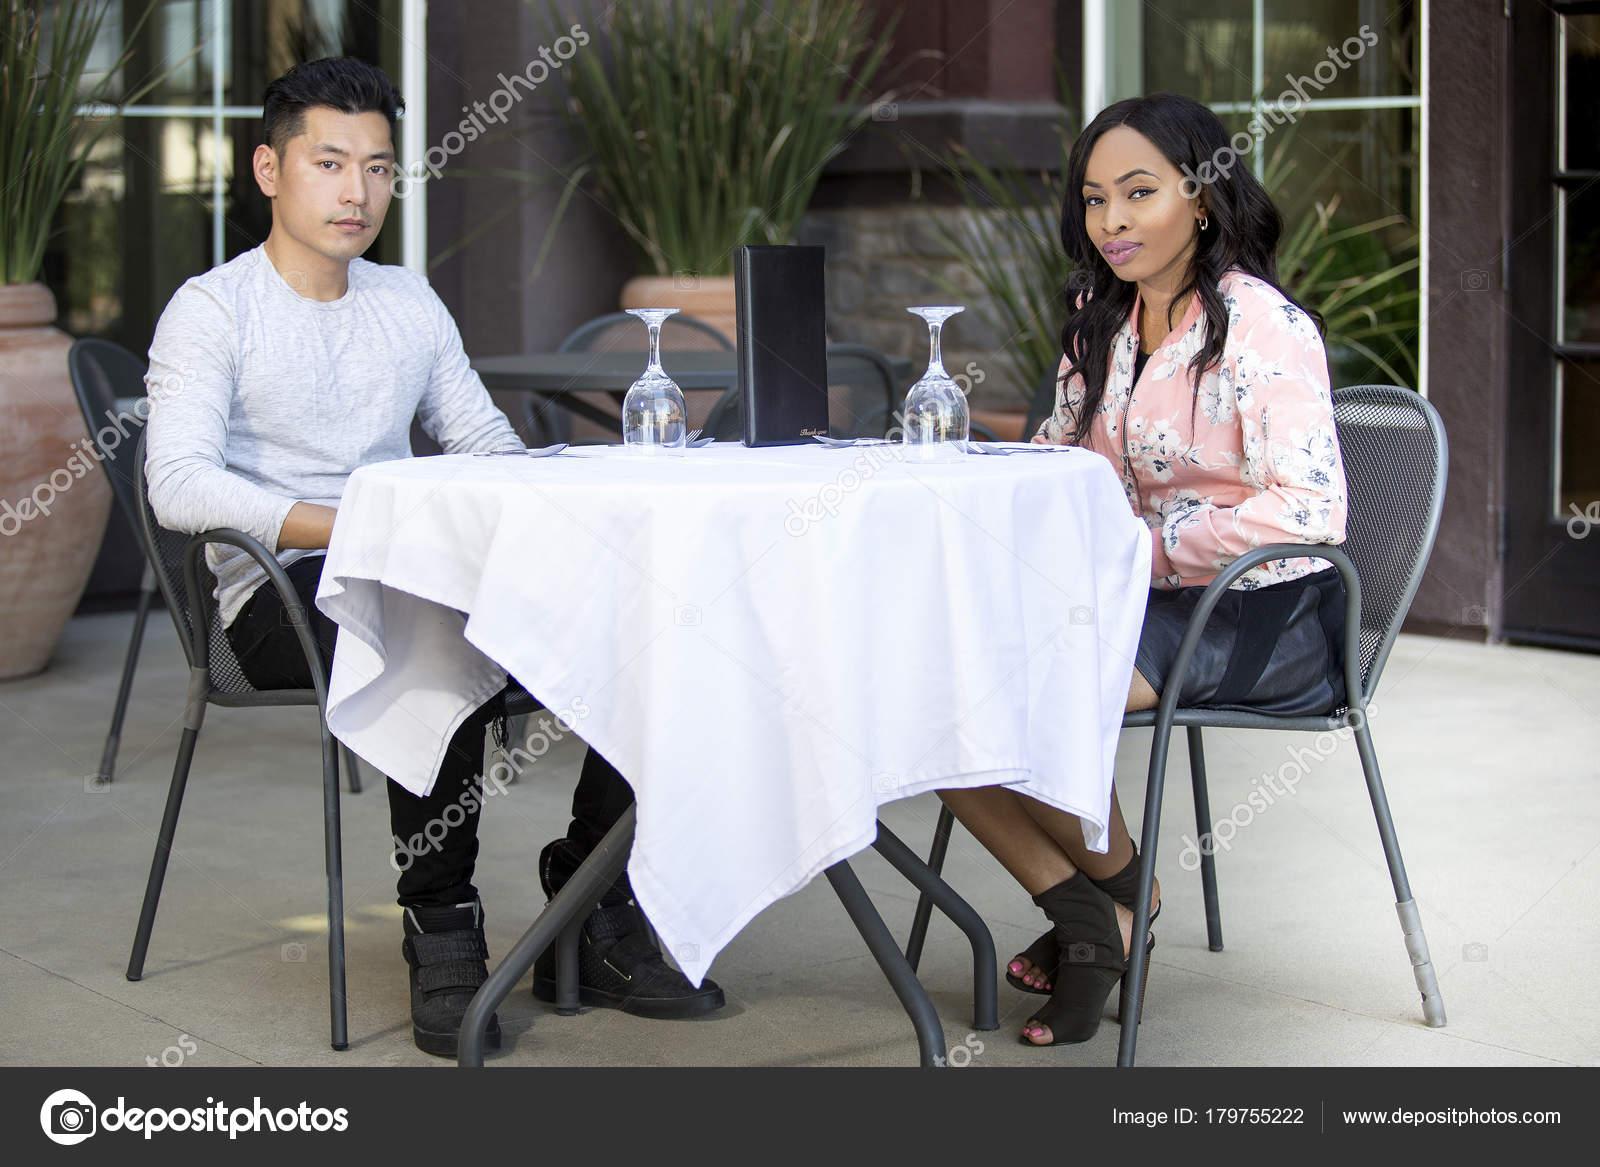 Asiatische schwarze Frau datiert